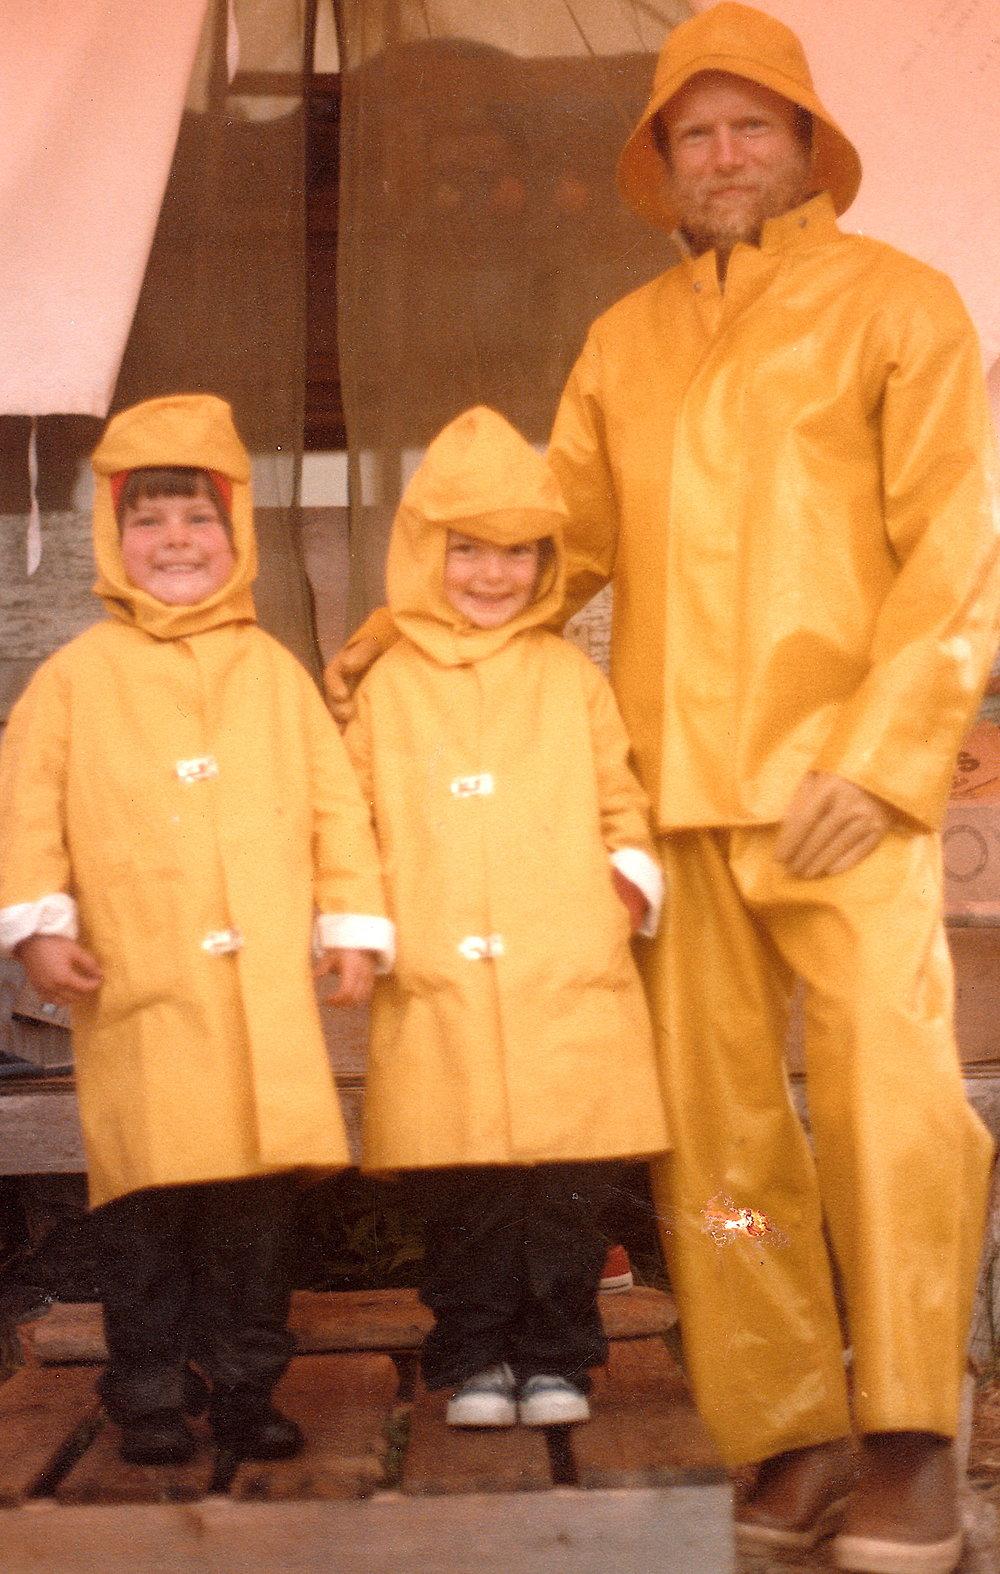 Kids in Raingear